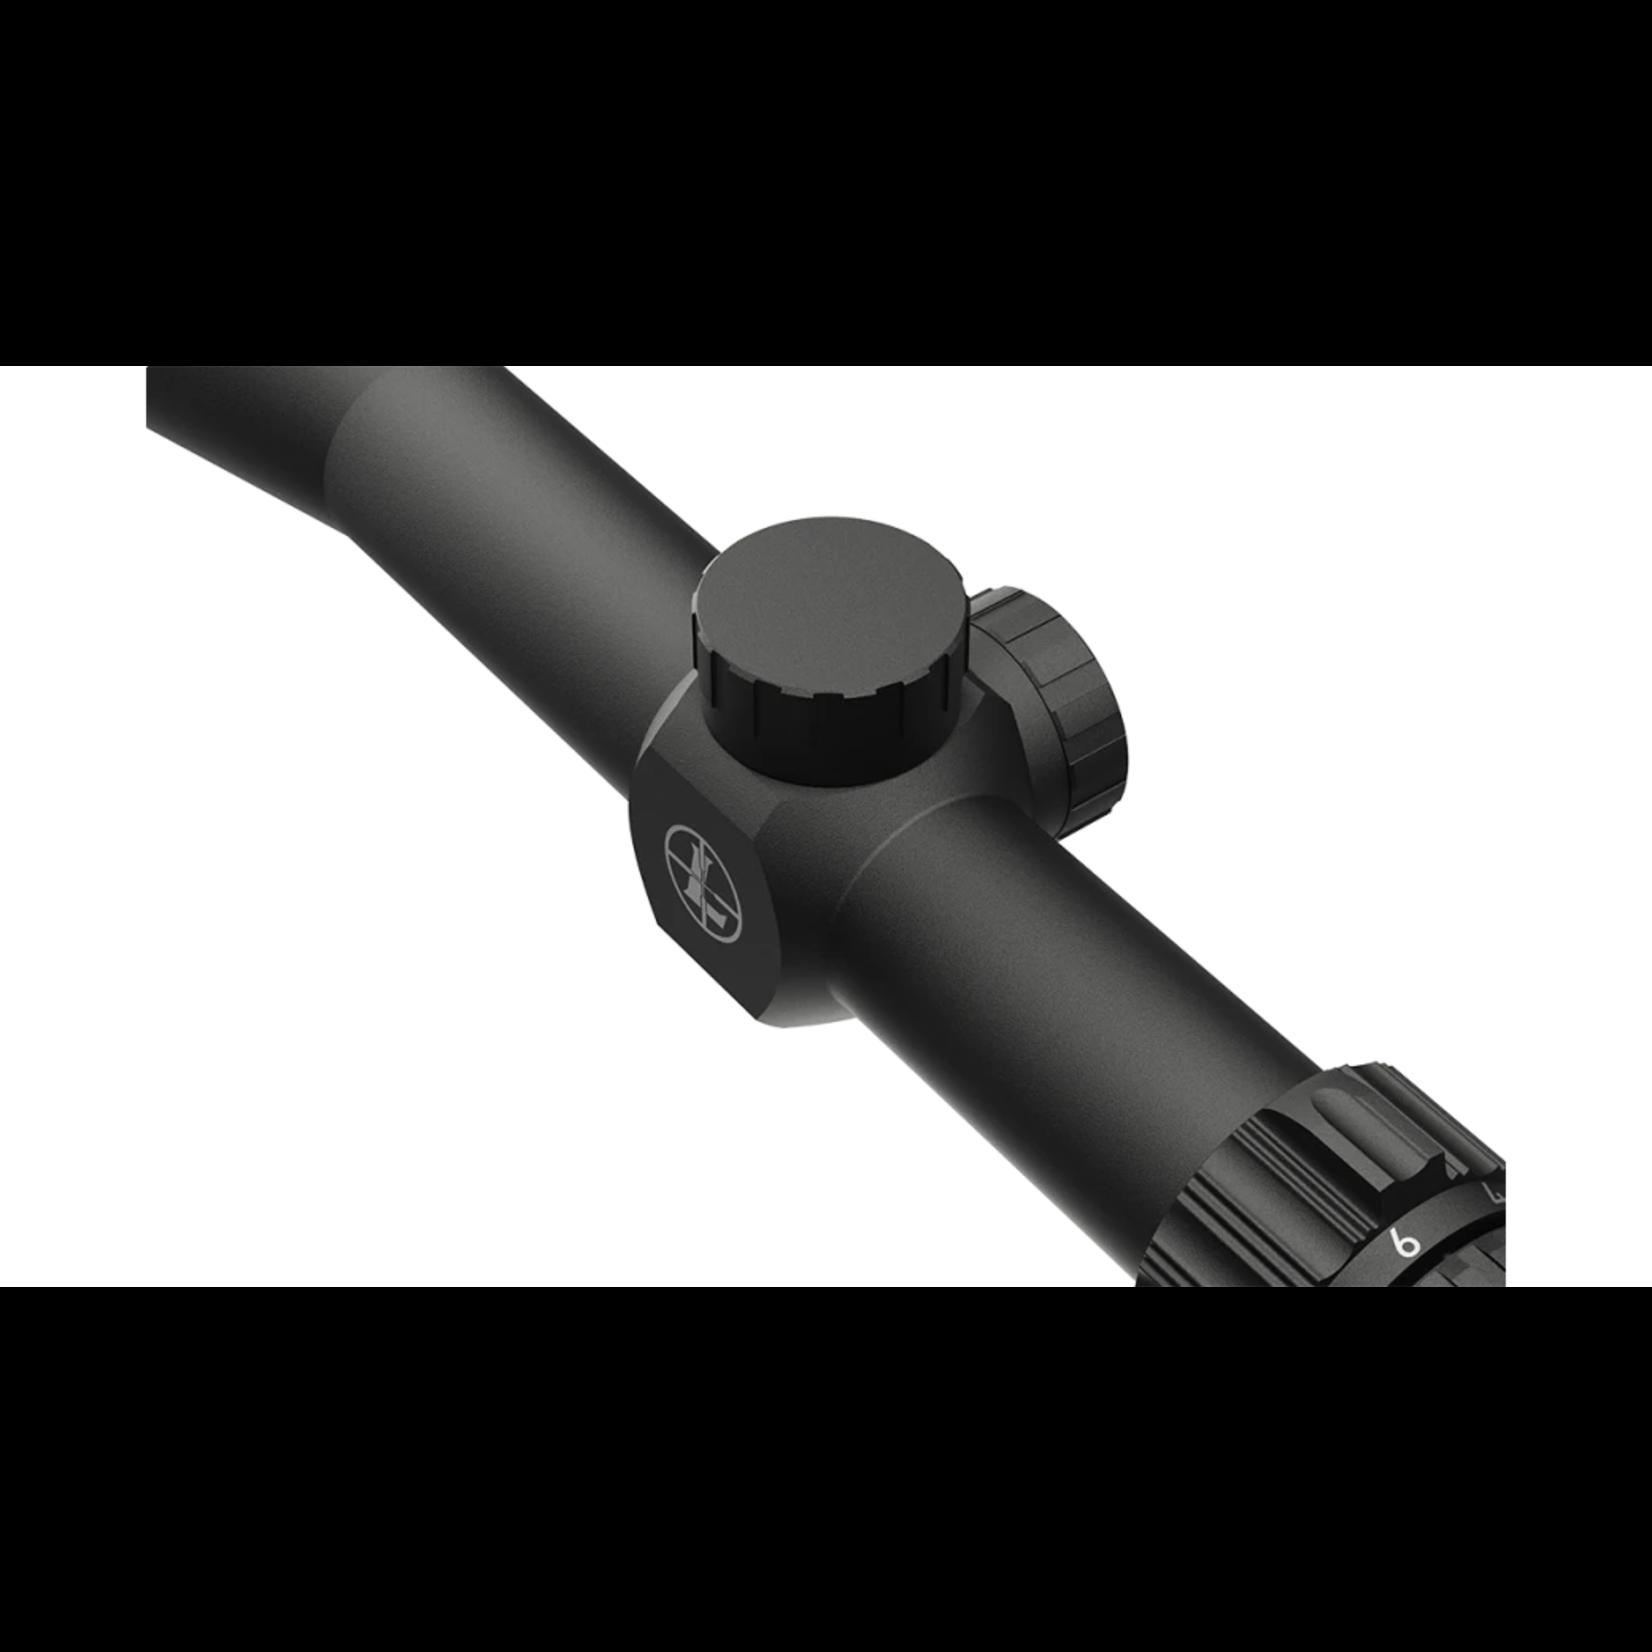 Leupold Vx-Freedom 3-9X40 (1 Inch) Hunt-Plex